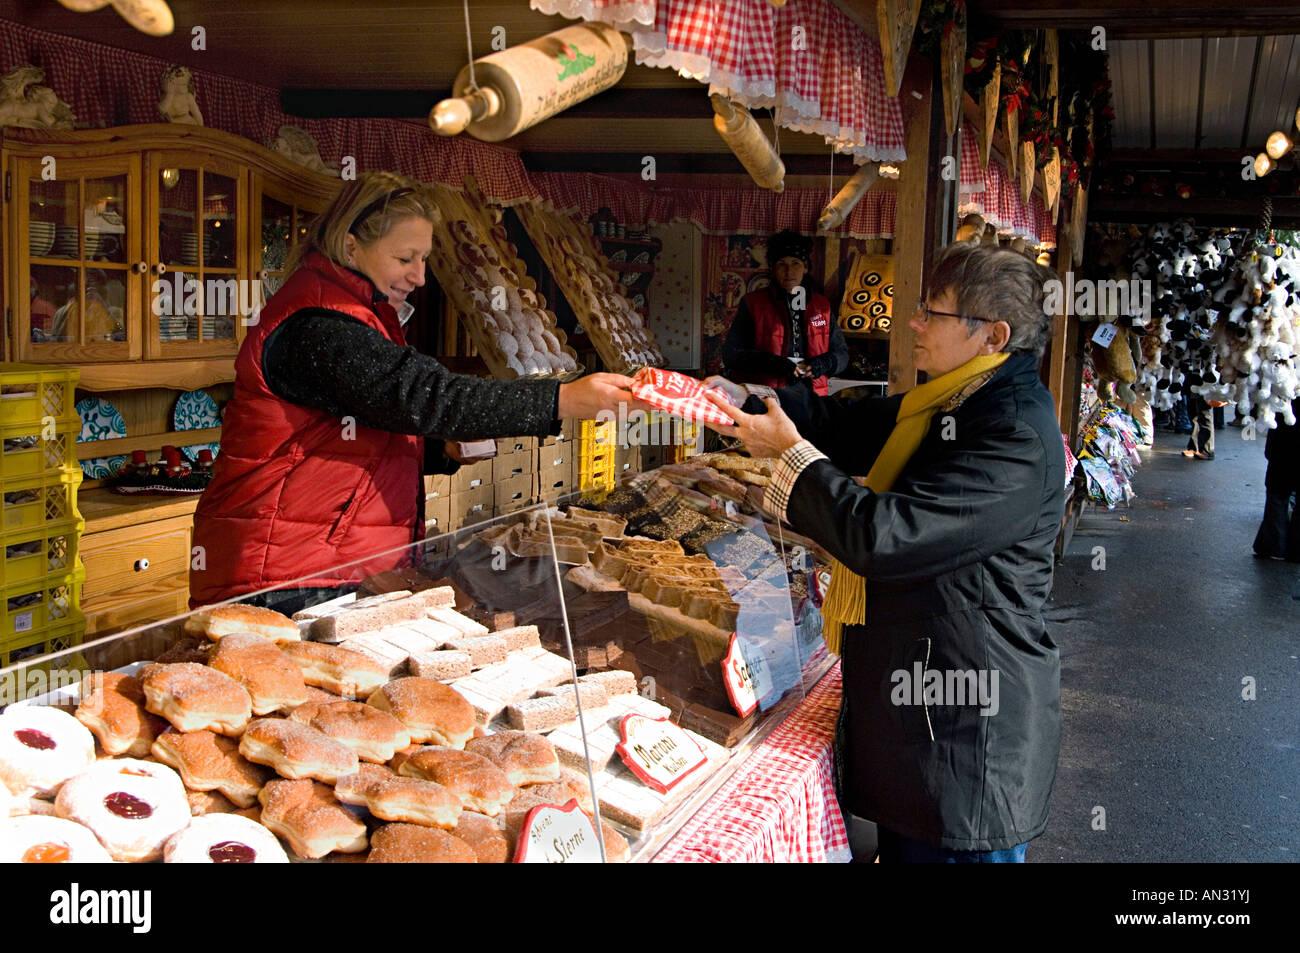 Brot Und Kuchen Stand Auf Dem Weihnachtsmarkt Am Rathaus Rathaus